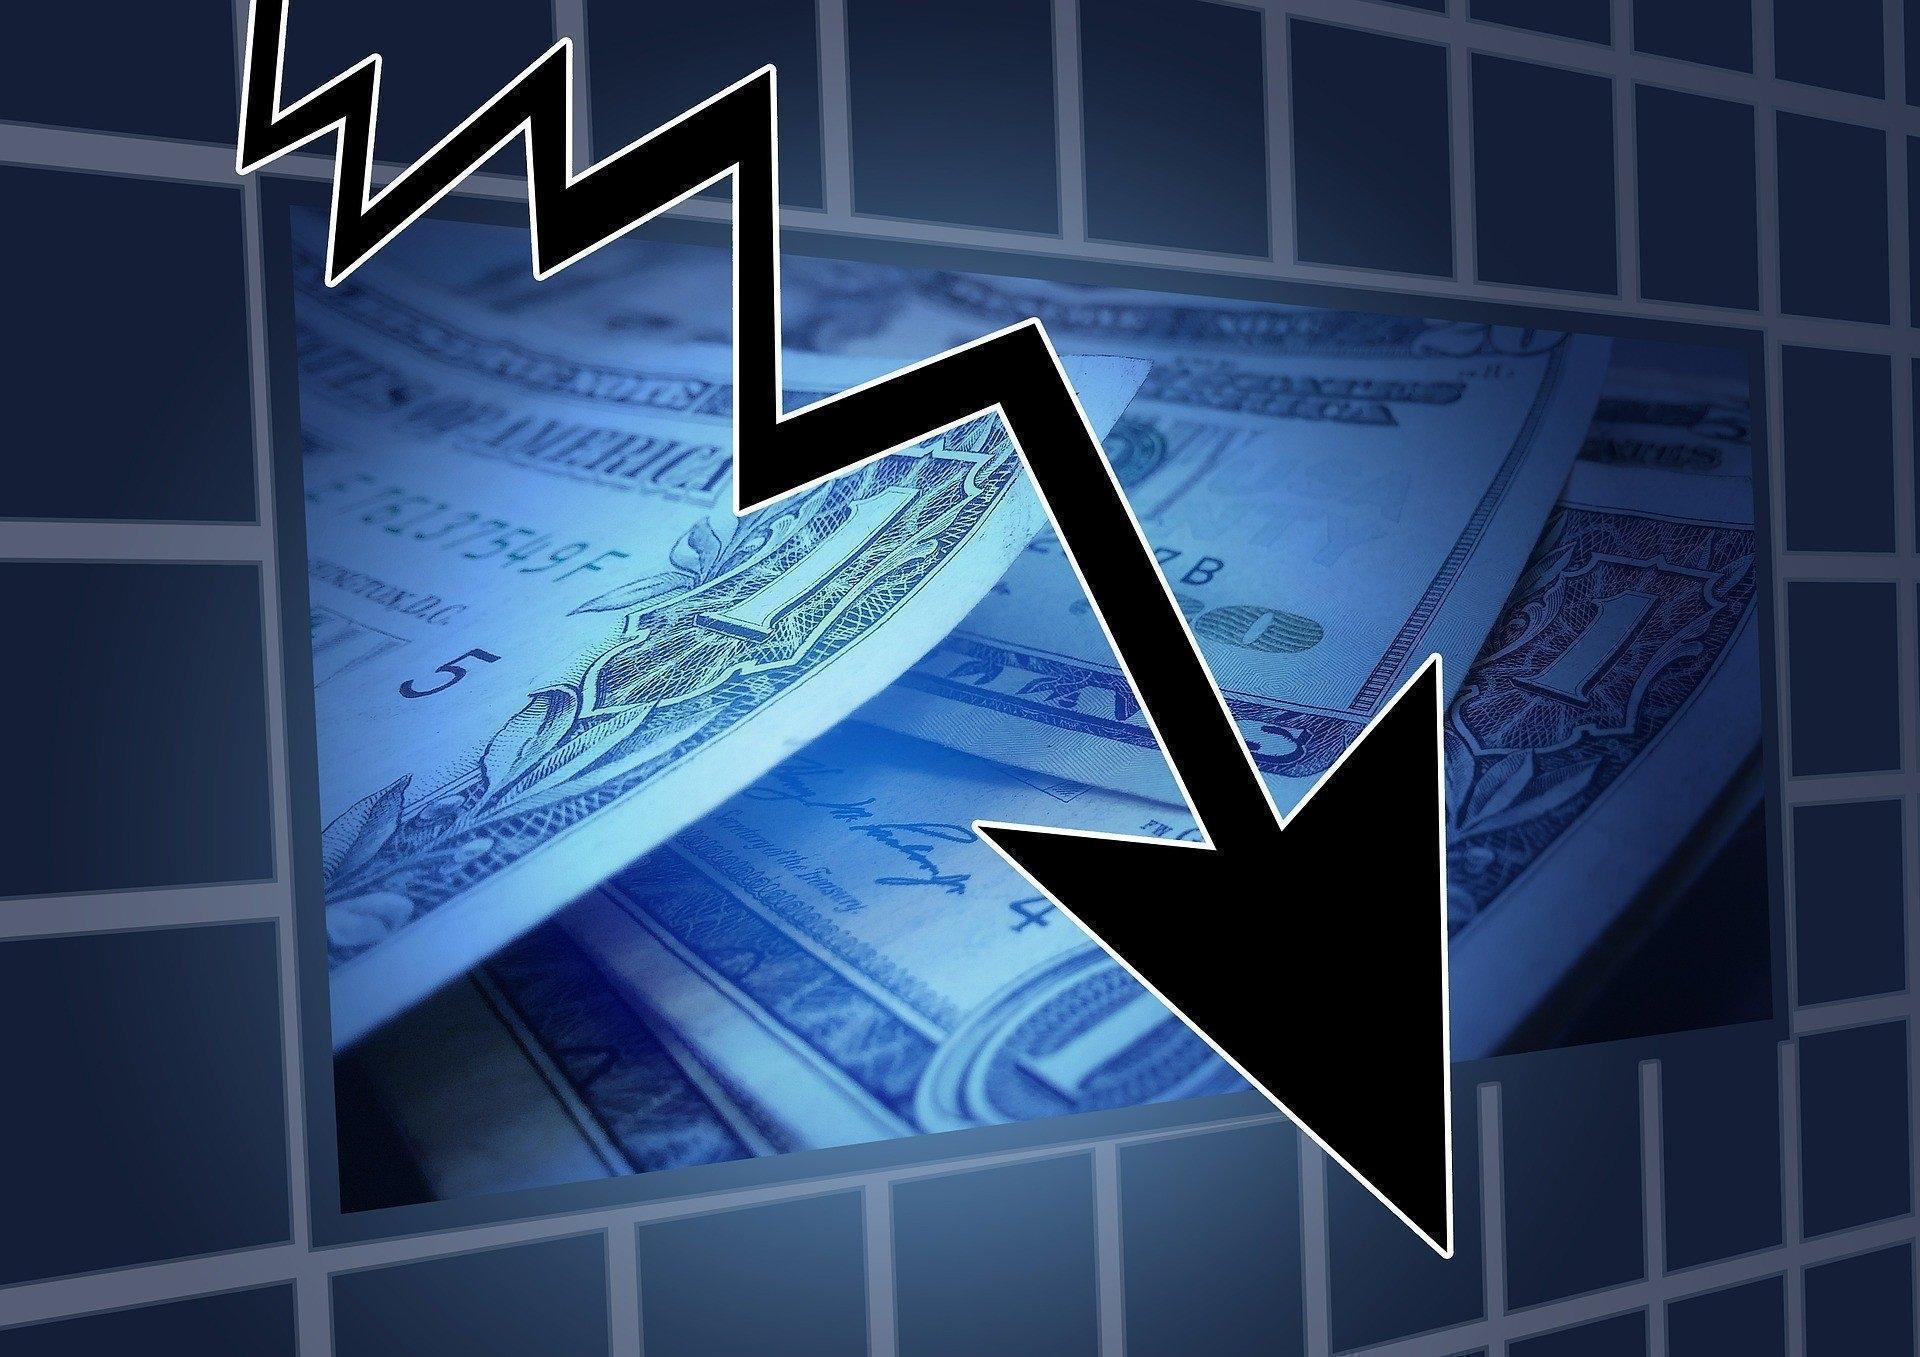 В Нью-Йорке ключевые индексы понизились на фоне сброса акций технологических компаний 1